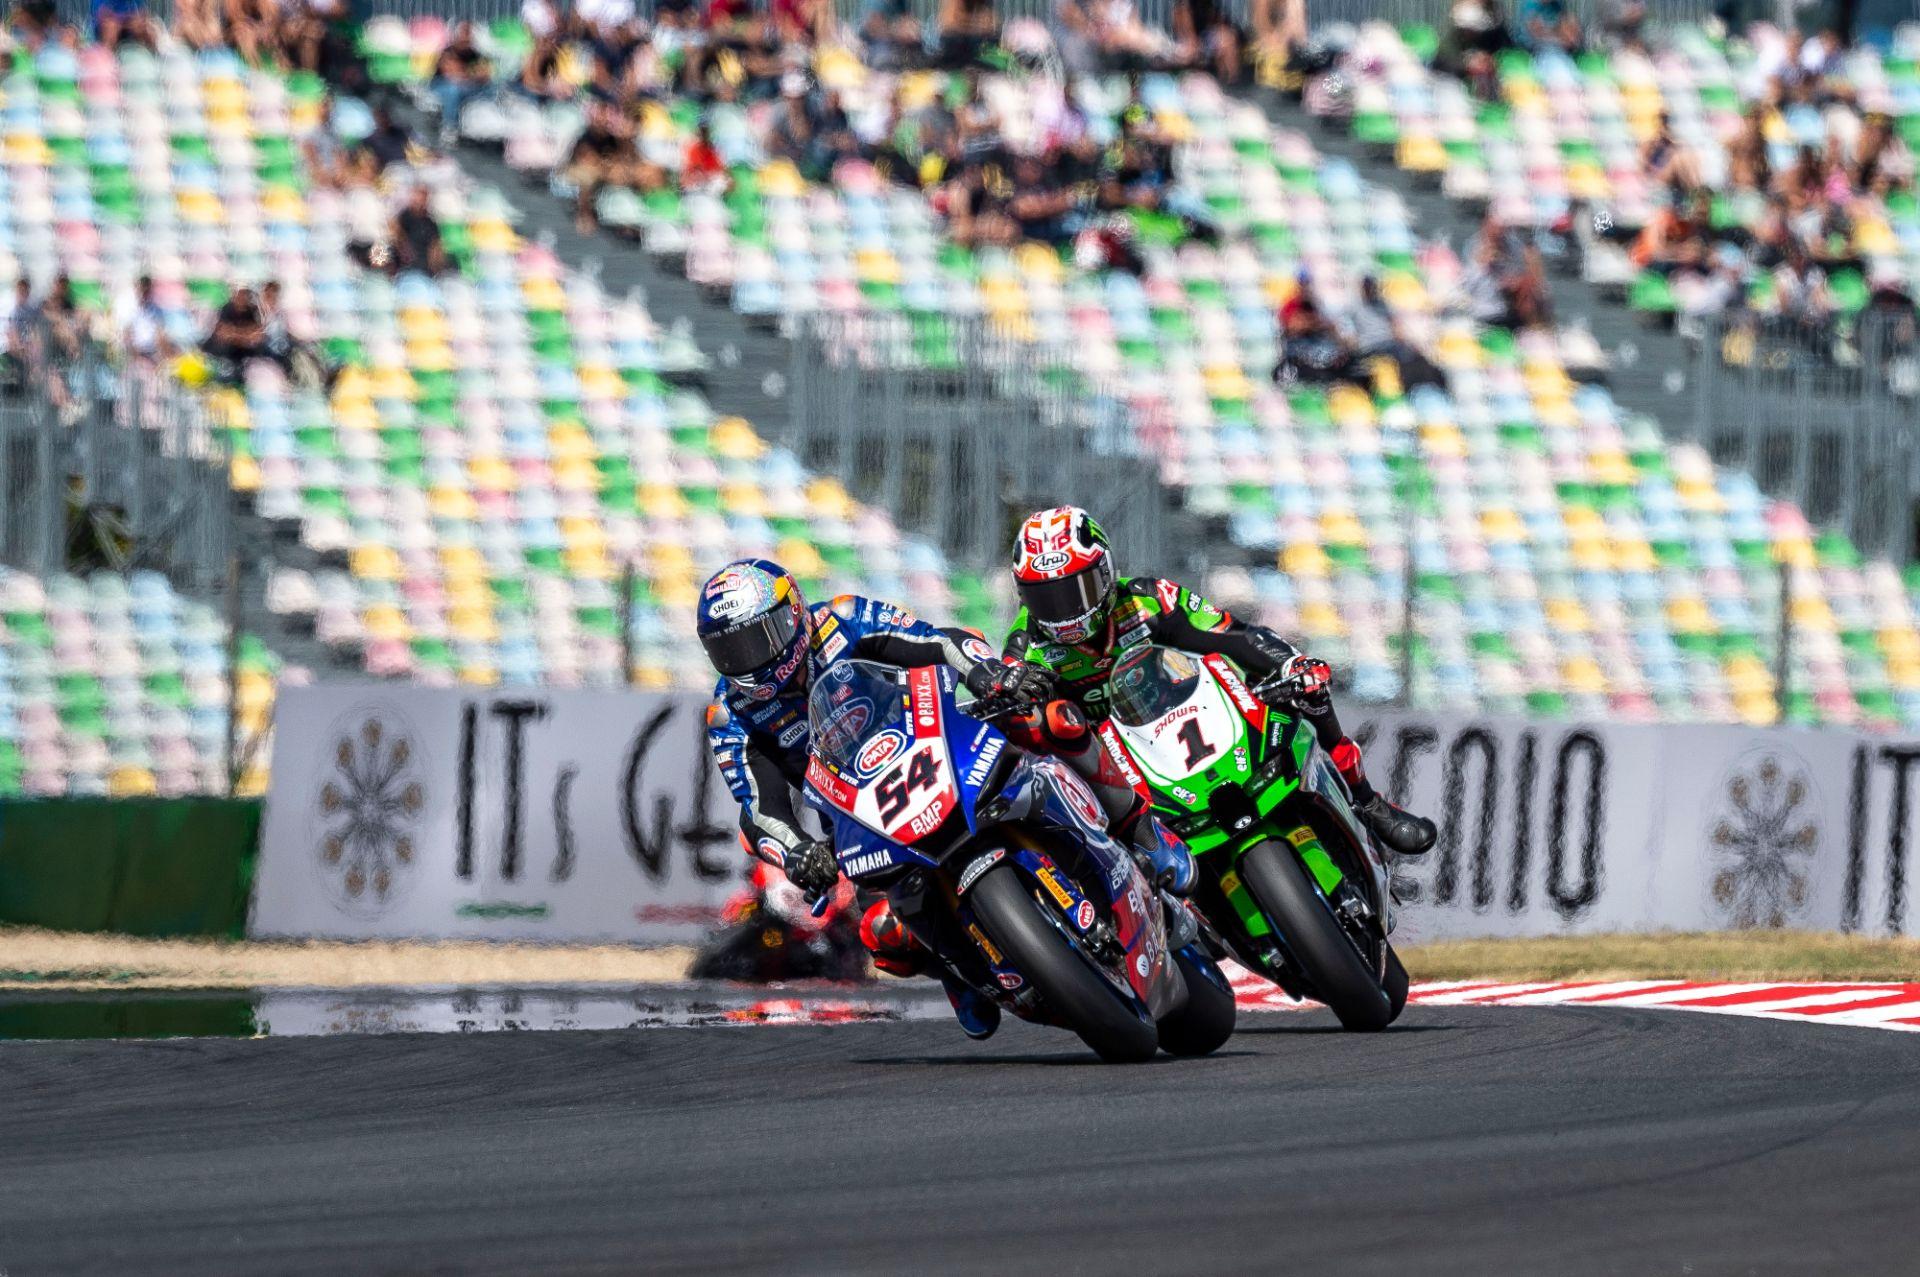 Pata Yamaha ポール・デニング「KRTの抗議によって、このスポーツの雰囲気は変わっていってしまうだろう」